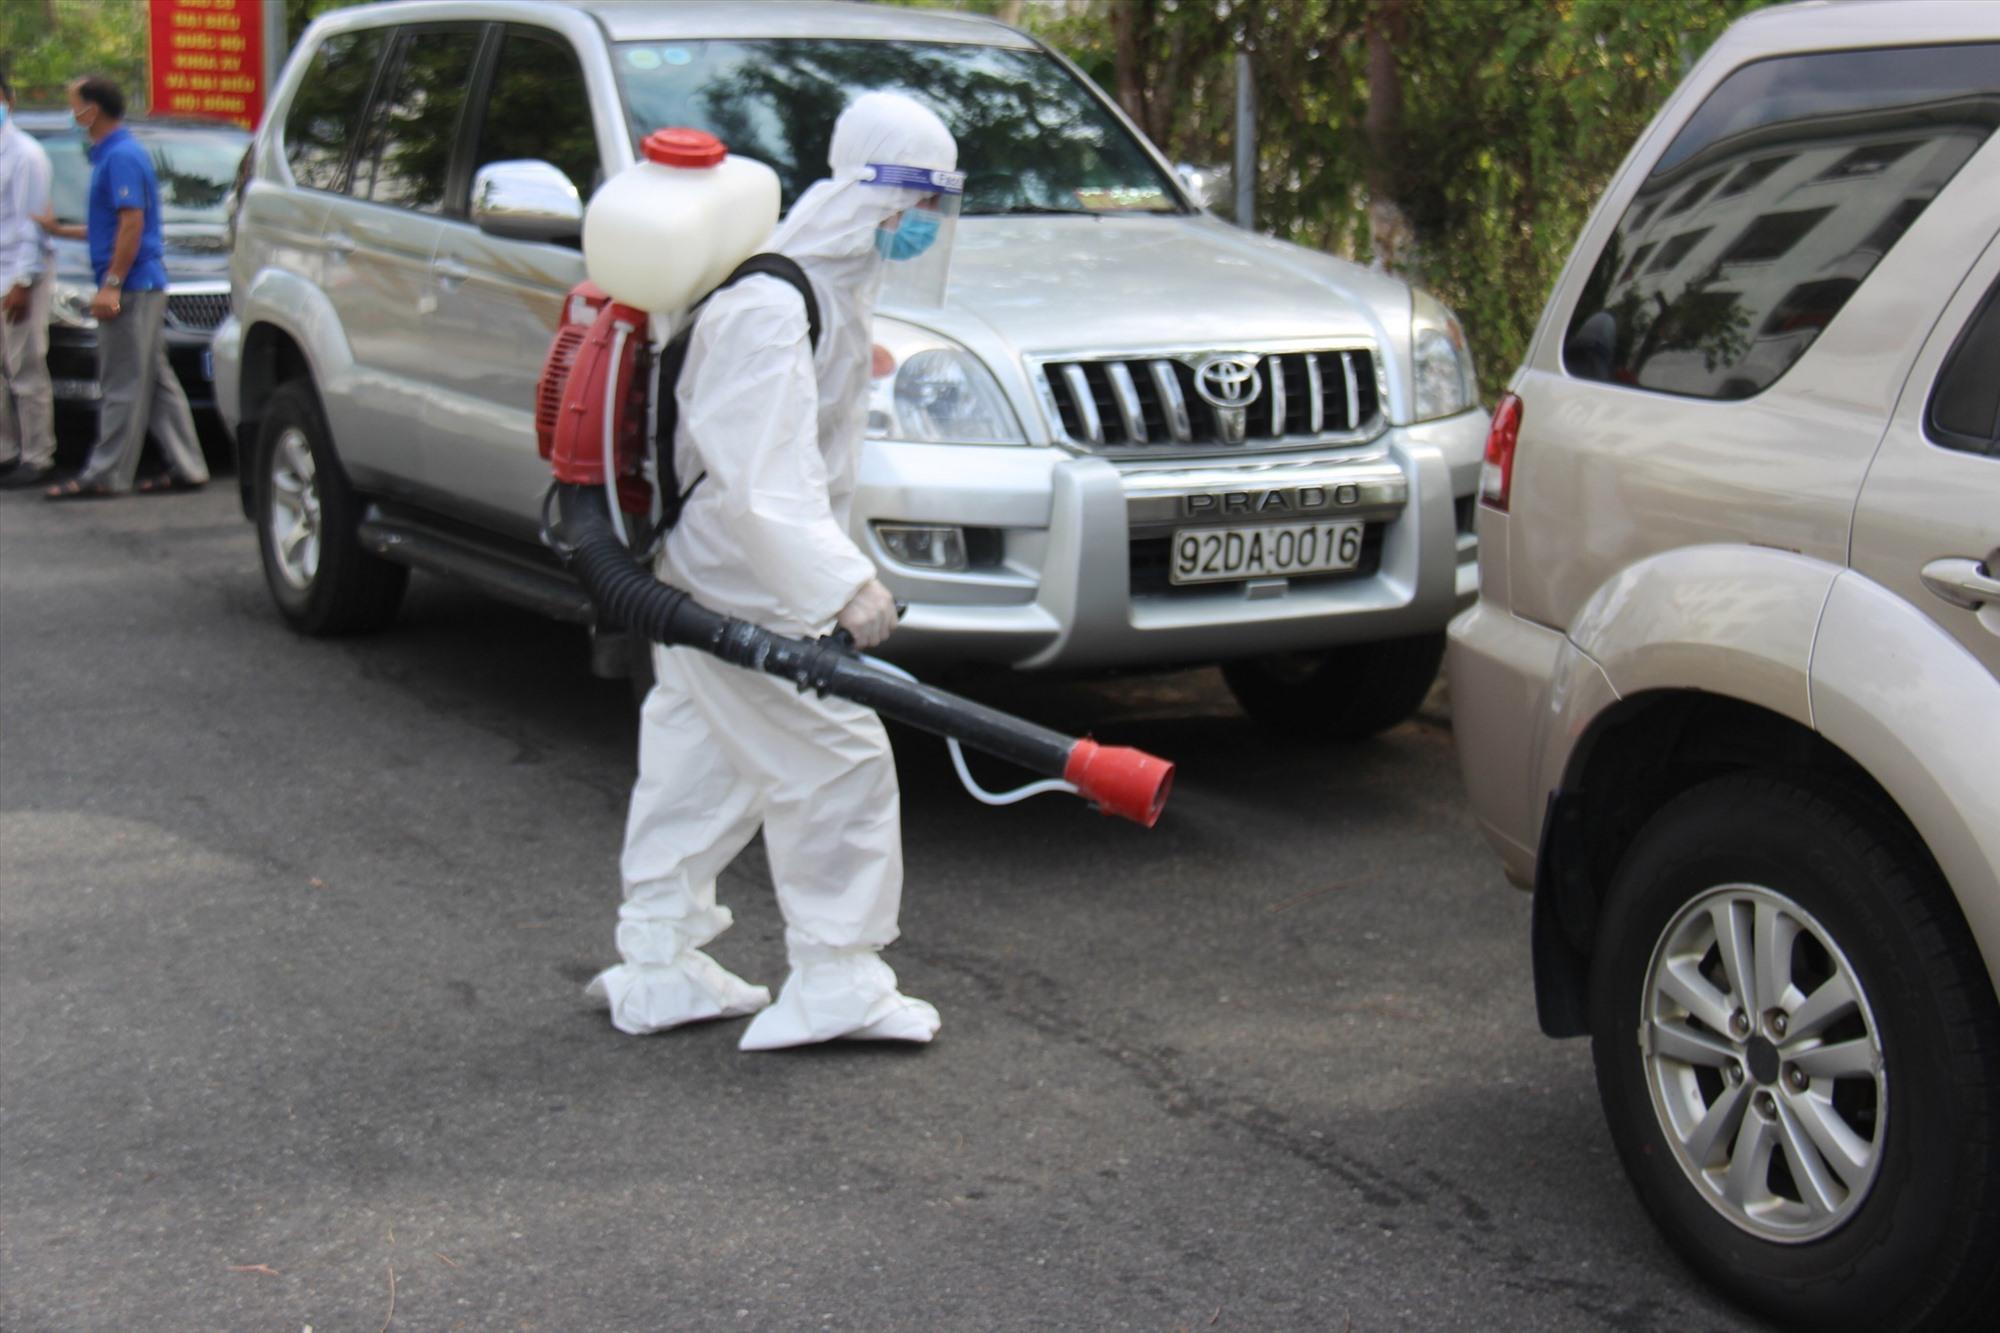 Huyện Duy Xuyên đã tiến hành khử khuẩn các địa điểm liên quan ca bệnh. Trong anh, Quảng Nam nhanh chóng khử khuẩn tại các khu vực dịch tễ ghi nhân. Ảnh: X.H